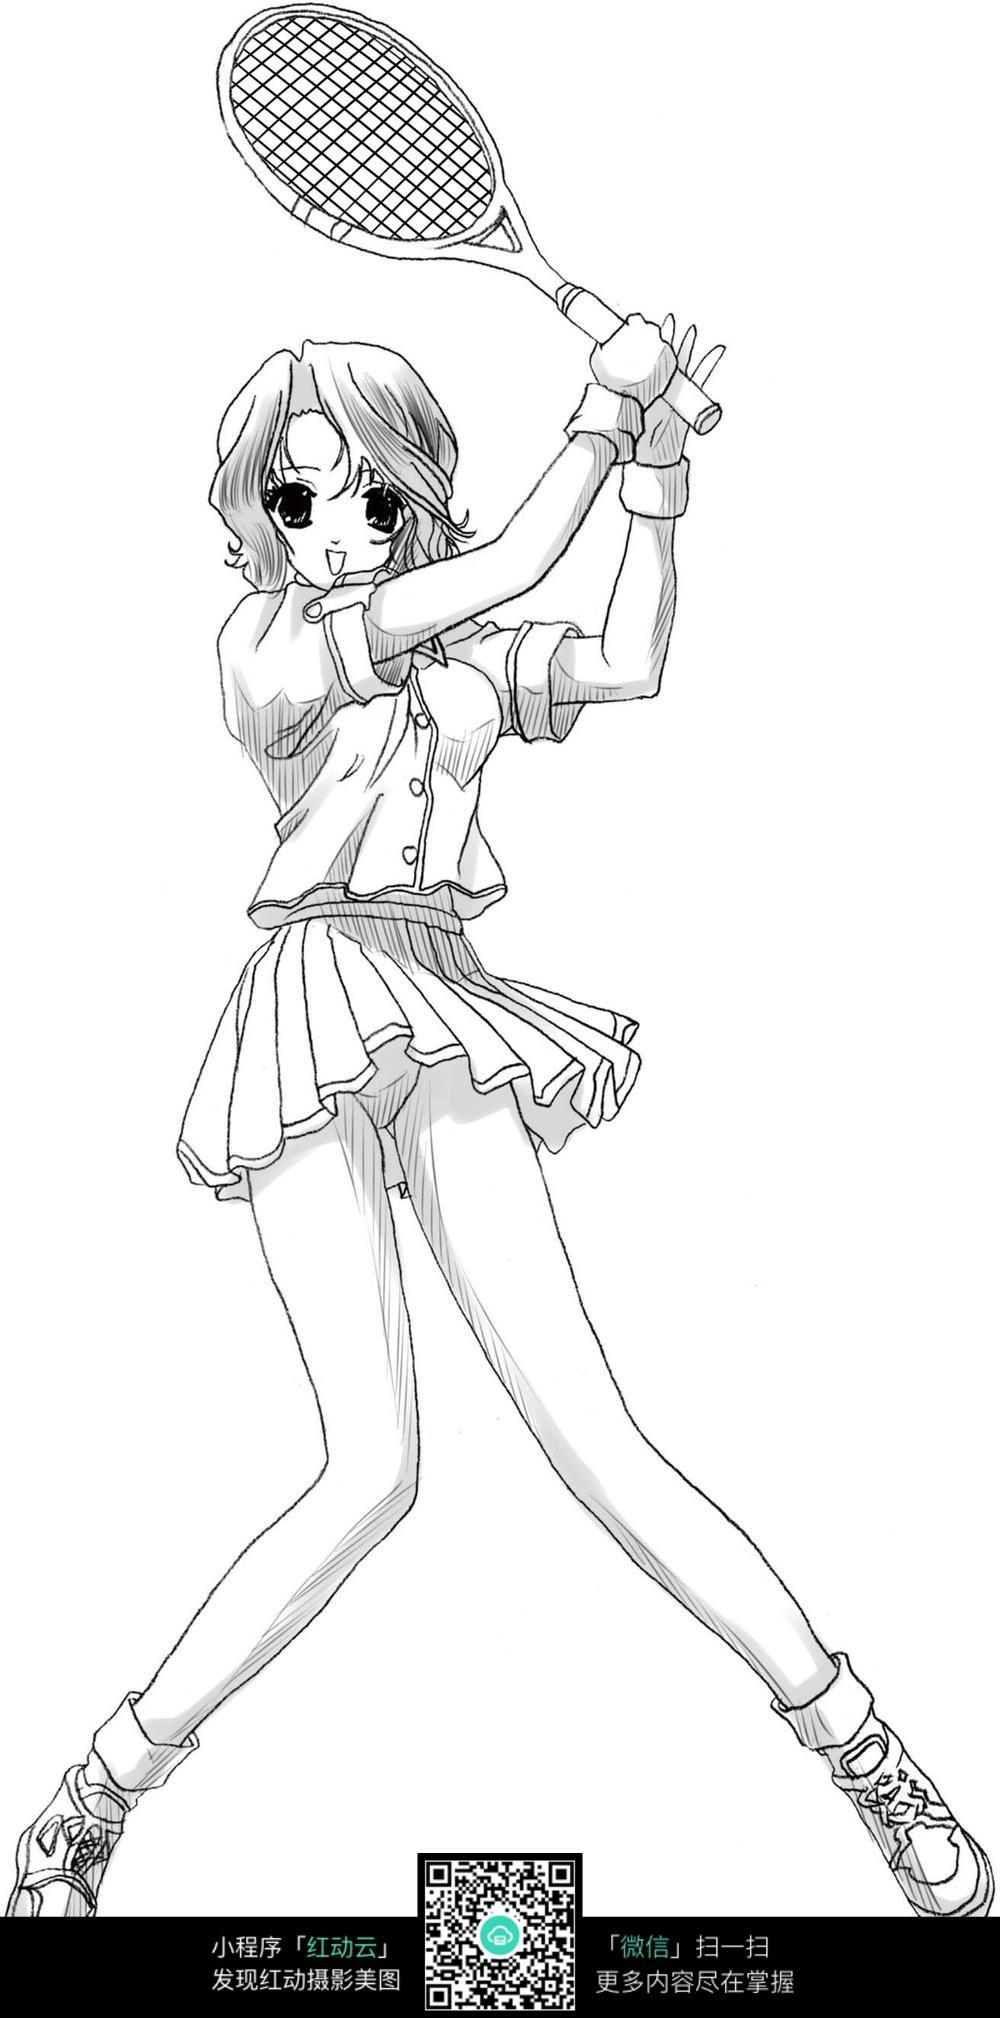 打羽毛球的卡通女孩